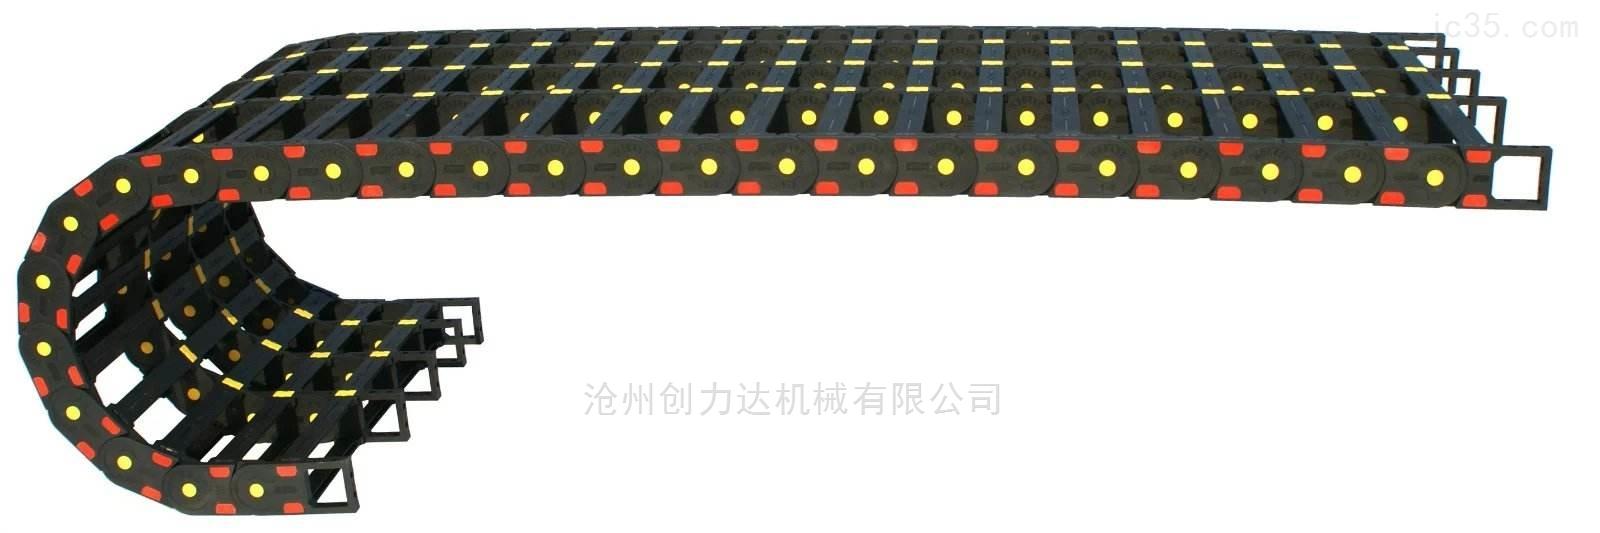 桥式塑料拖链